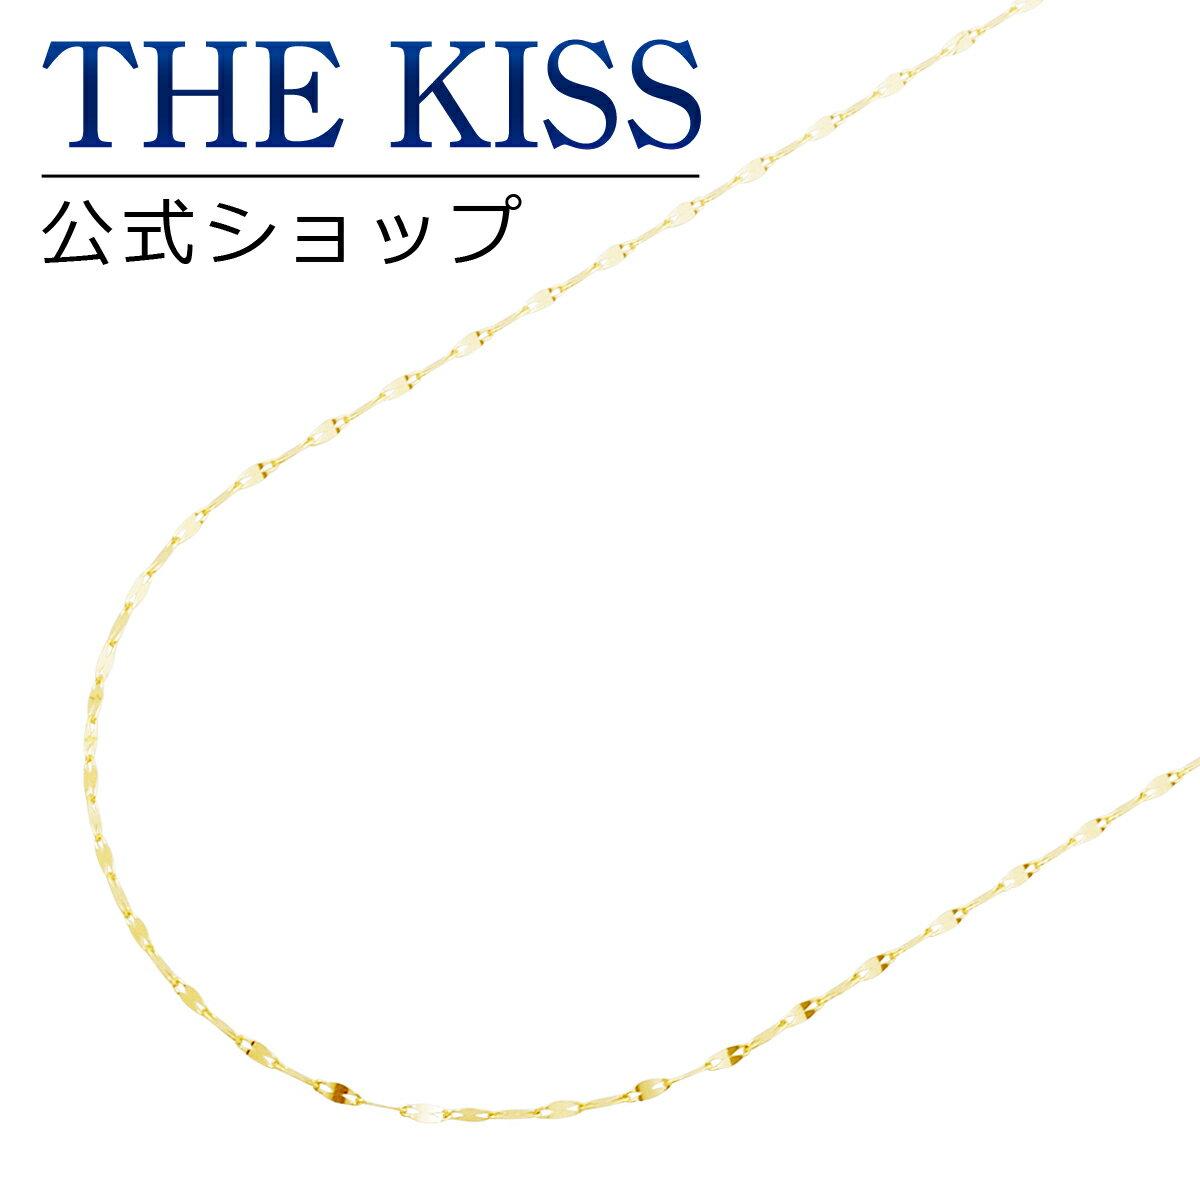 【あす楽対応】 【送料無料】【THE KISS sweets】K10イエローゴールド チェーン 40cm☆